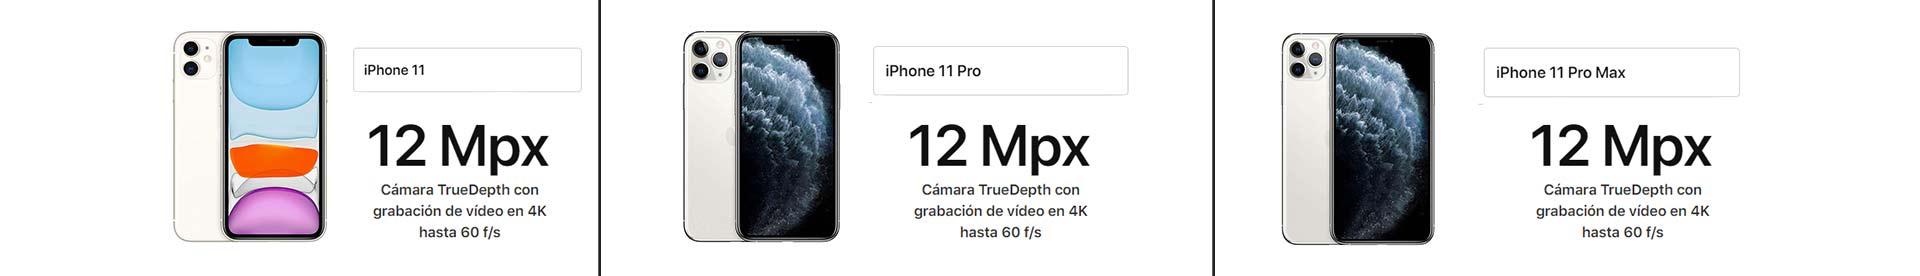 Diferencias-entre-las-cámaras-delanteras-de-los-nuevos-iPhone